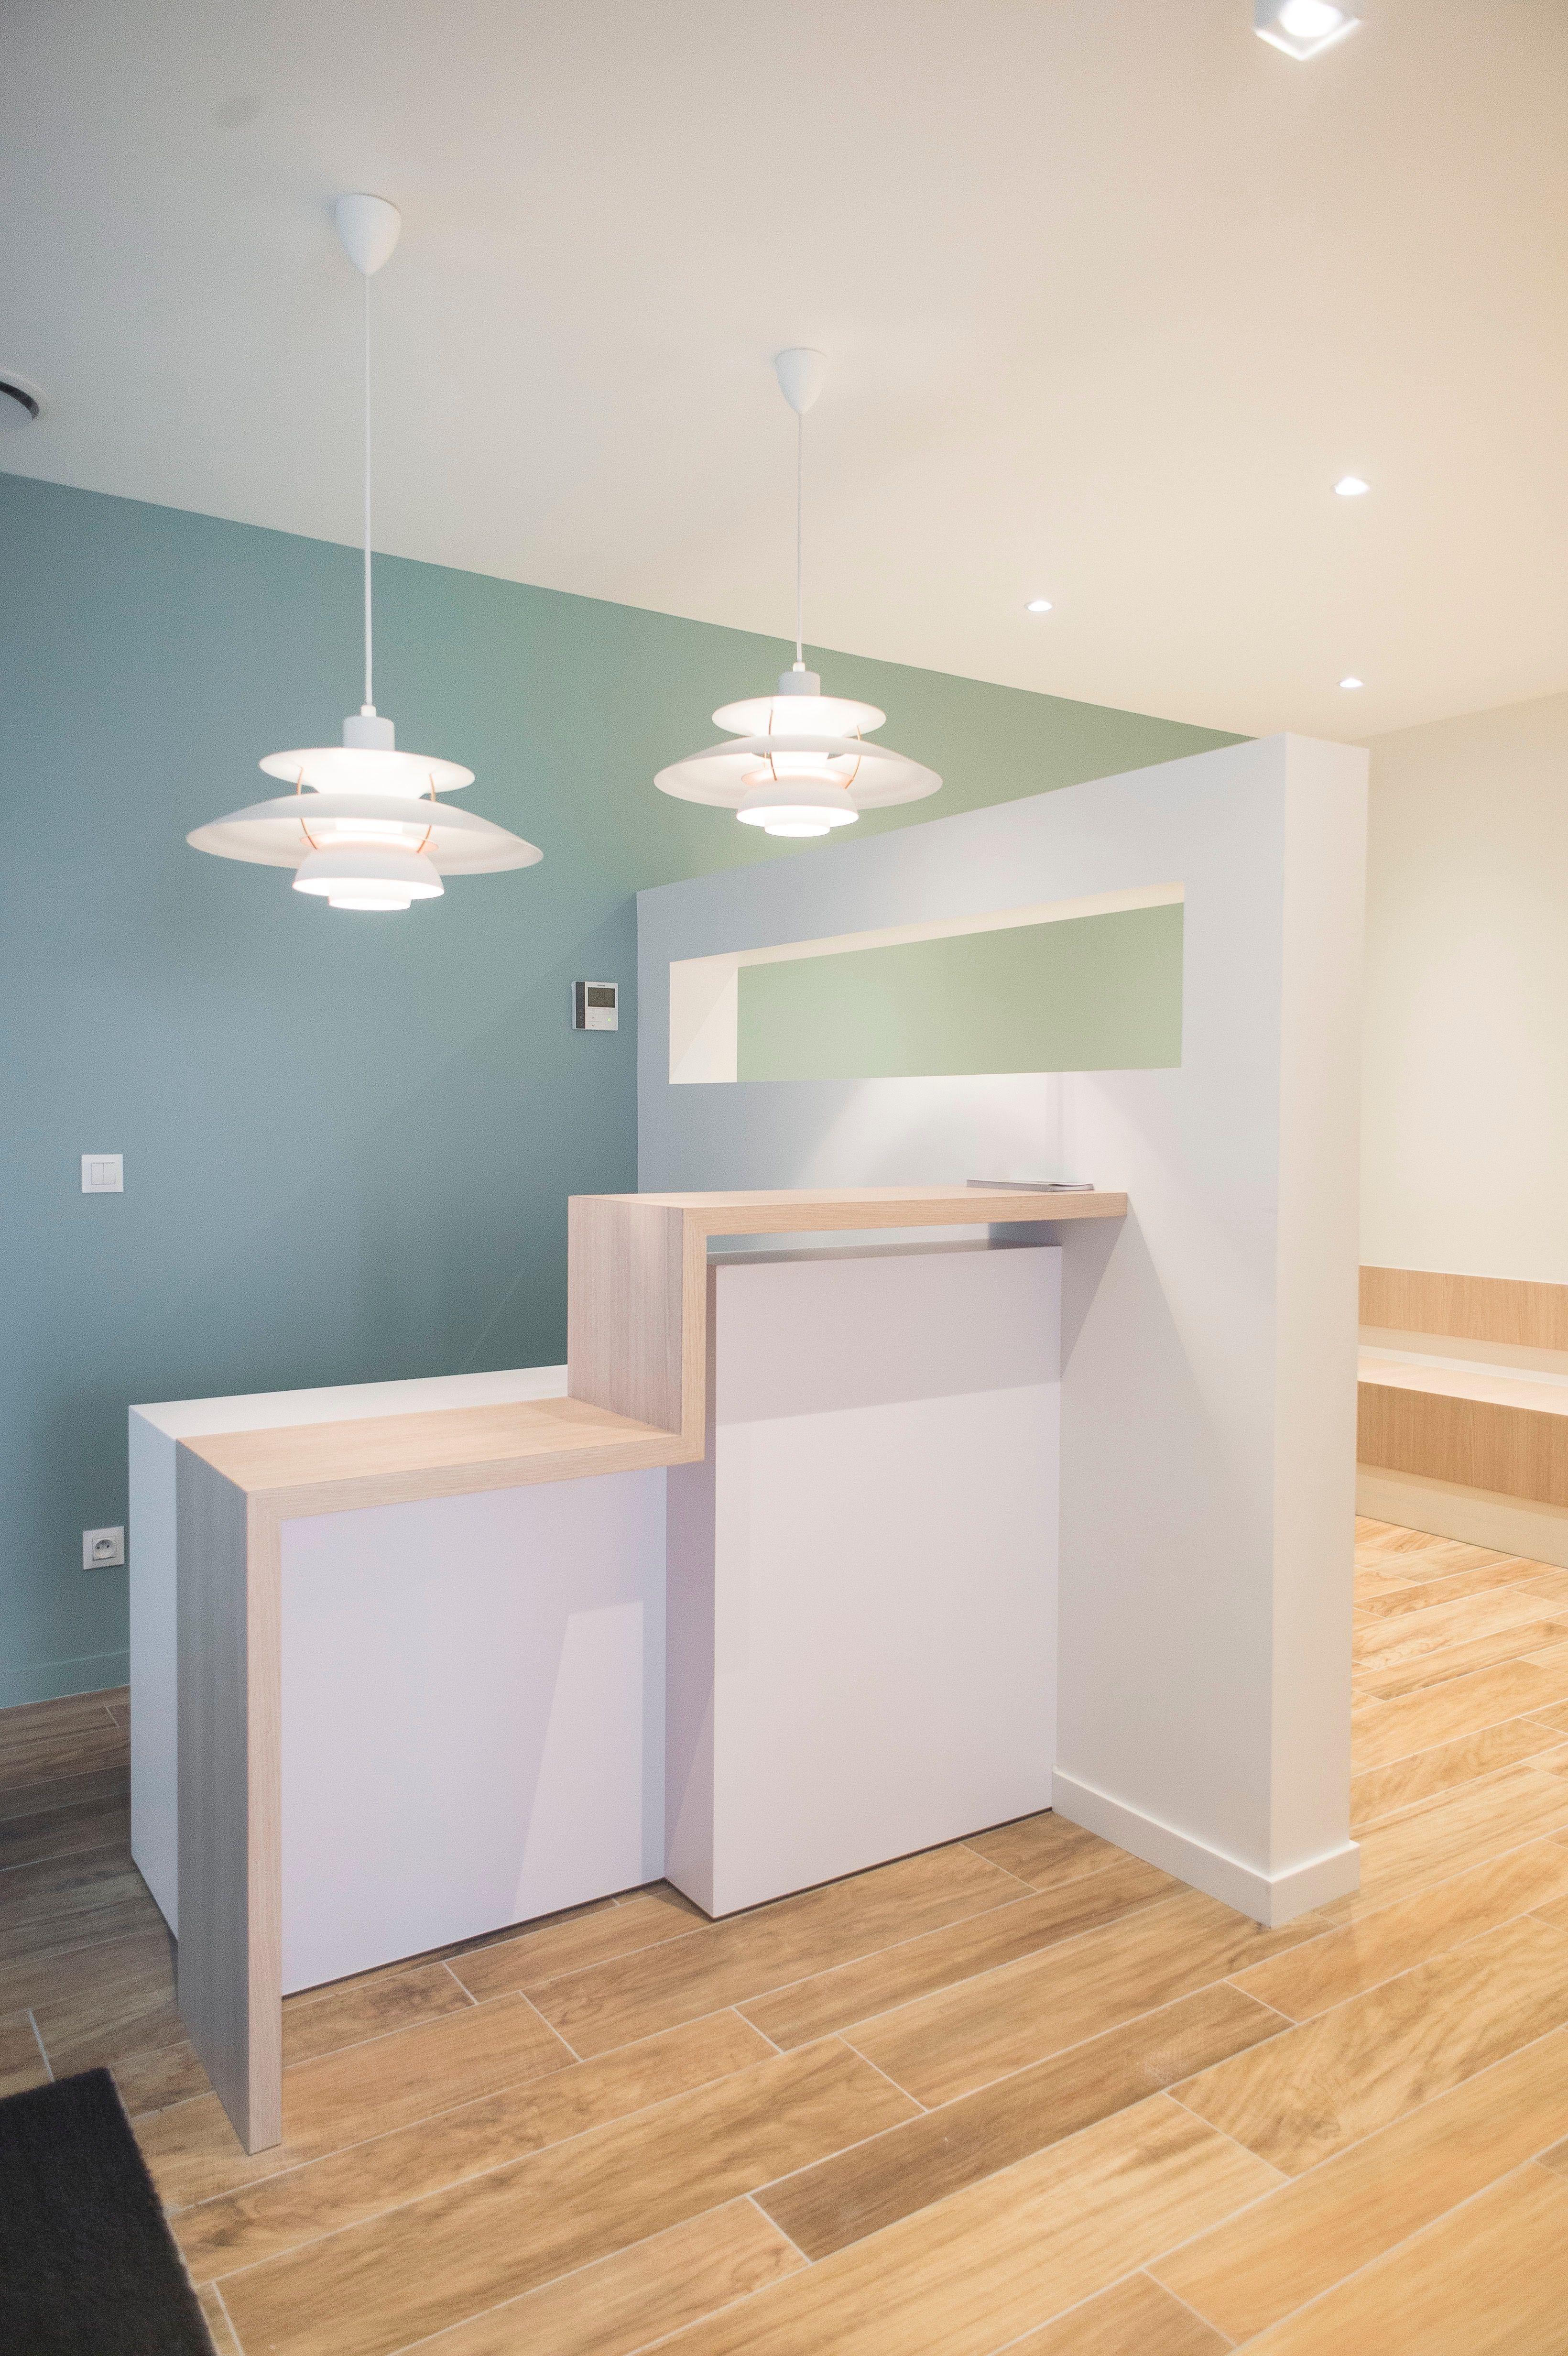 Christine Clavere Architecture Interieure Creation D Un Cabinet Medical Decor Pour Cabinet Dentaire Design De Cabinet Dentaire Architecte Interieur